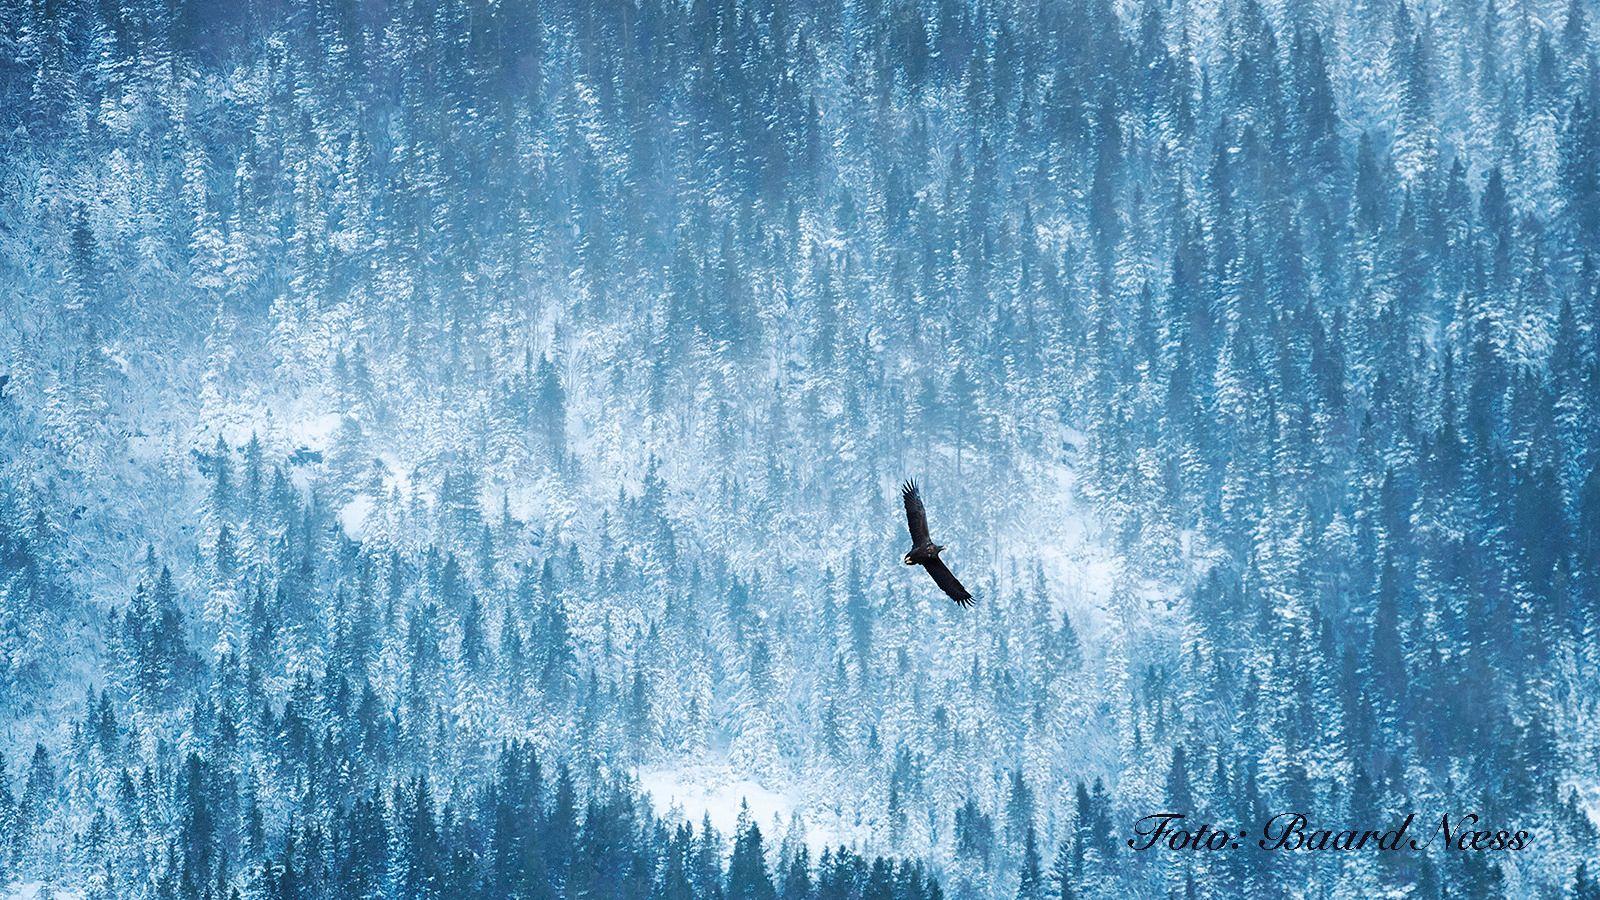 Et veldig flott bilde av en havørn mot vinterlandskap, men ville du synes bildet var like flott hvis det skulle vise seg at ørnen var limt inn? Ektheten i naturbildene er viktig for vår estetiske oppfatning av dem, og for de fleste naturfotografene, Baard Næss inkludert, er det derfor veldig viktig at andre fotografer i miljøet ikke jukser med sine bilder. Canon EOS 1D-X, 70-300 mm. 1/500s - f/5.6 - ISO 1600. Foto: Baard Næss